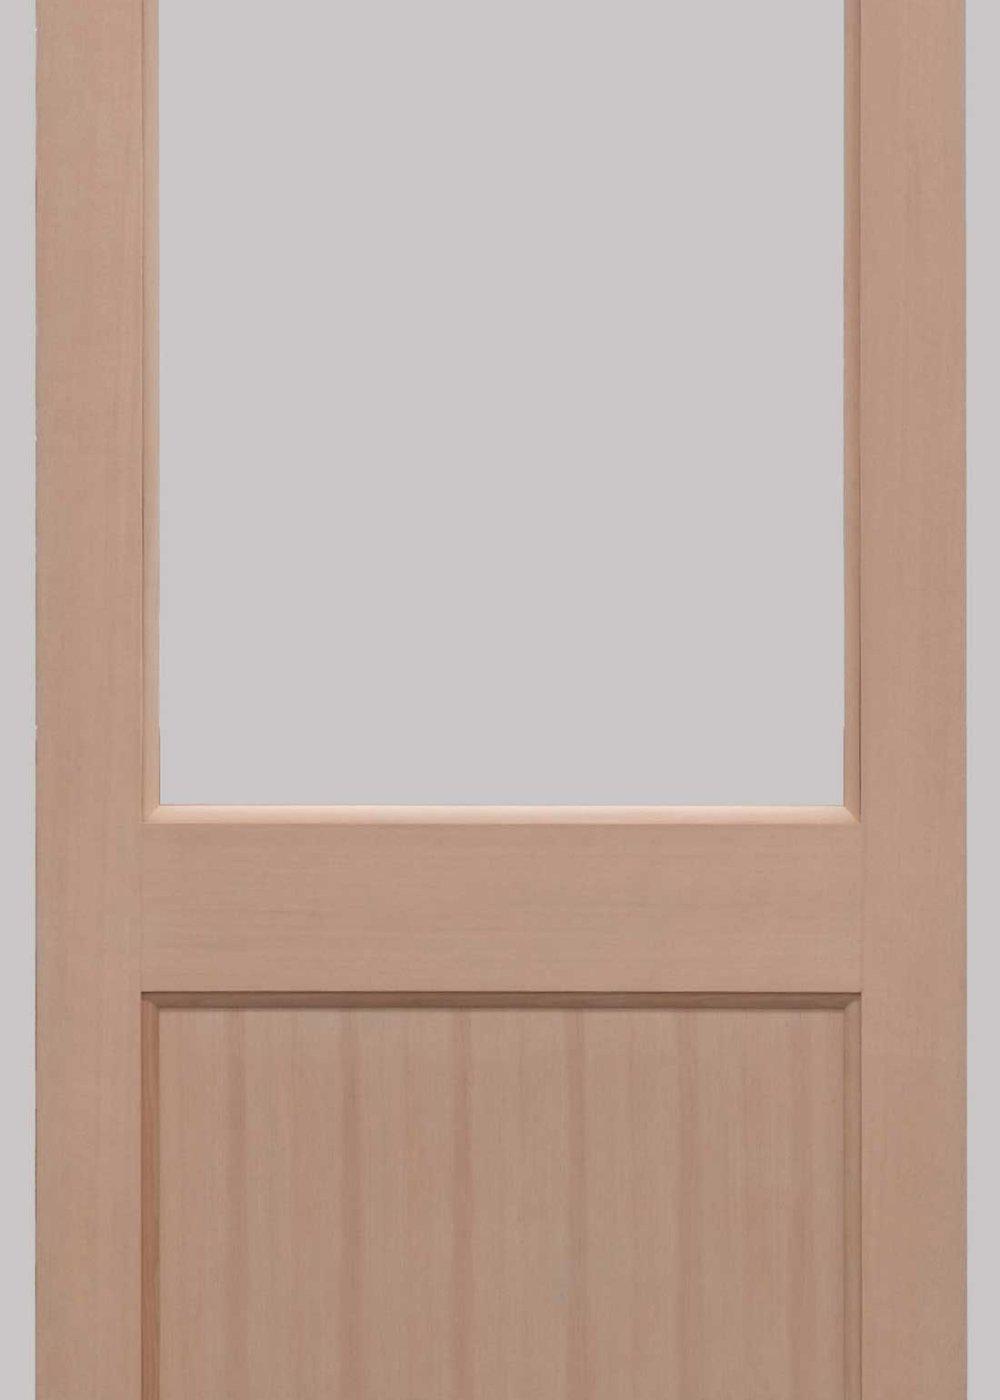 2XG Hemlock 44mm Door  sc 1 st  Trading Doors & 2XG Hemlock 44mm Door - Trading Doors